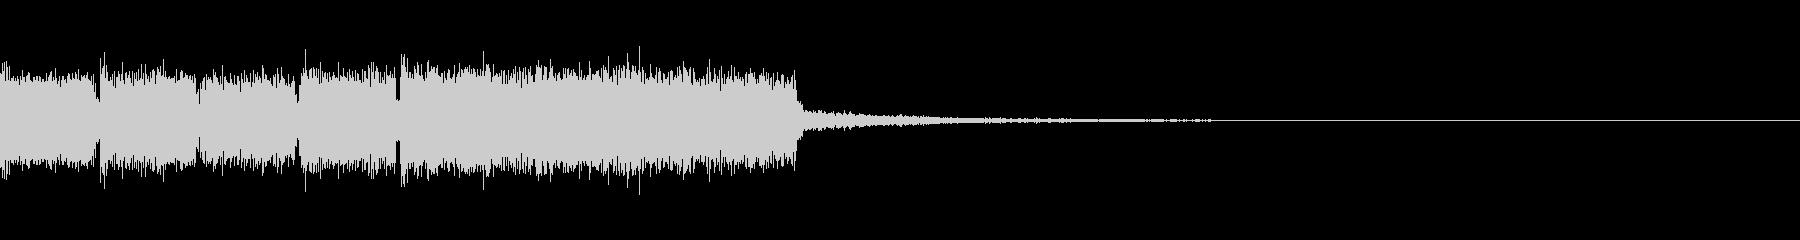 キャッチーなEDMジングルの未再生の波形